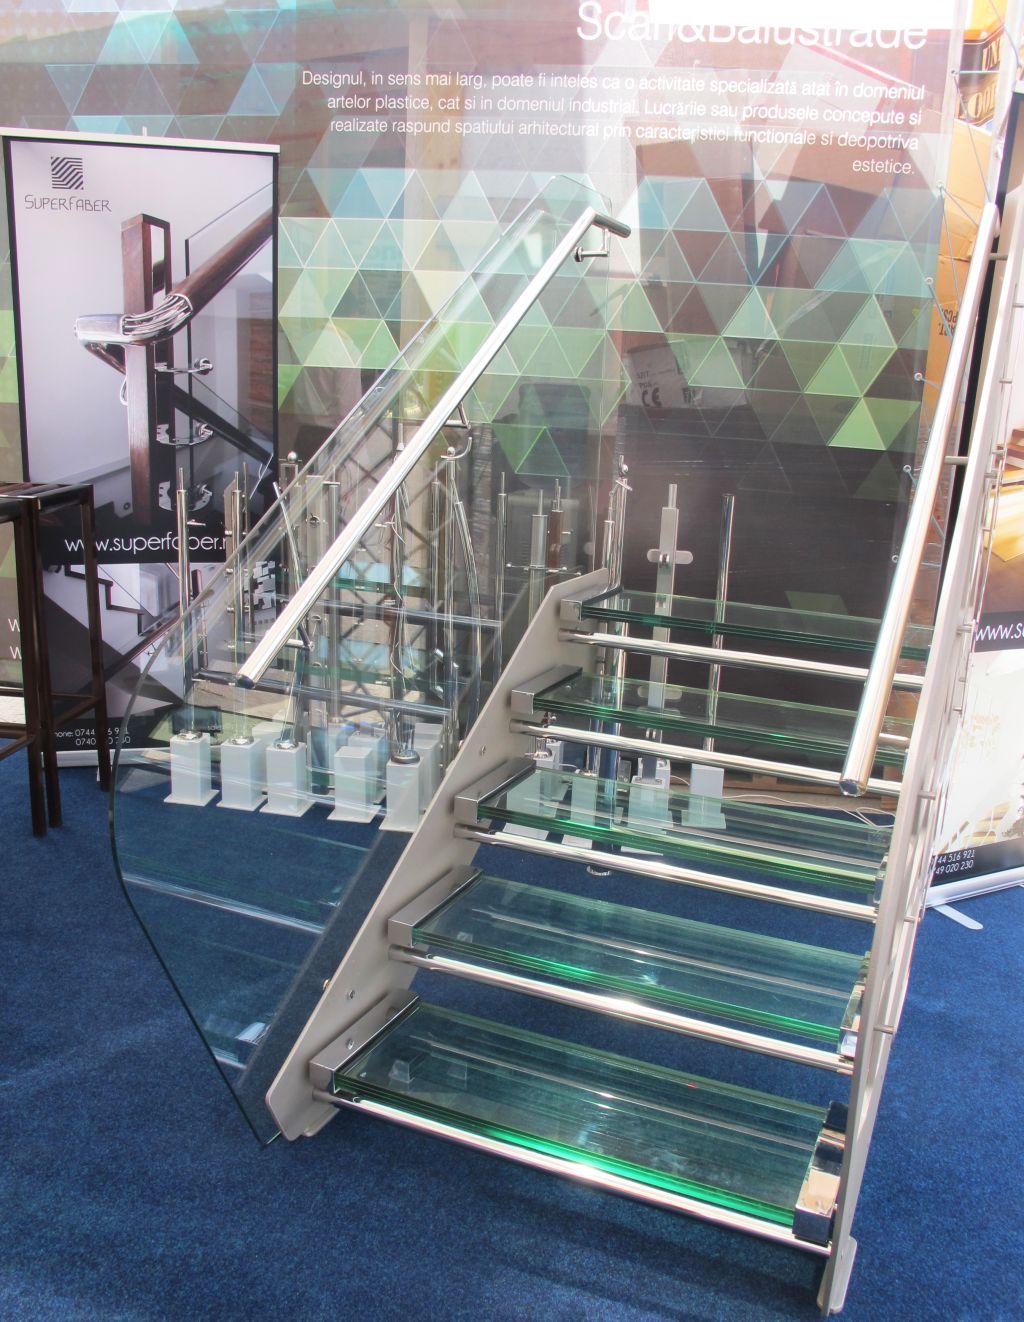 Scara cu trepte din sticla si mostre de balustrade proiectate de cei doi arhitecti